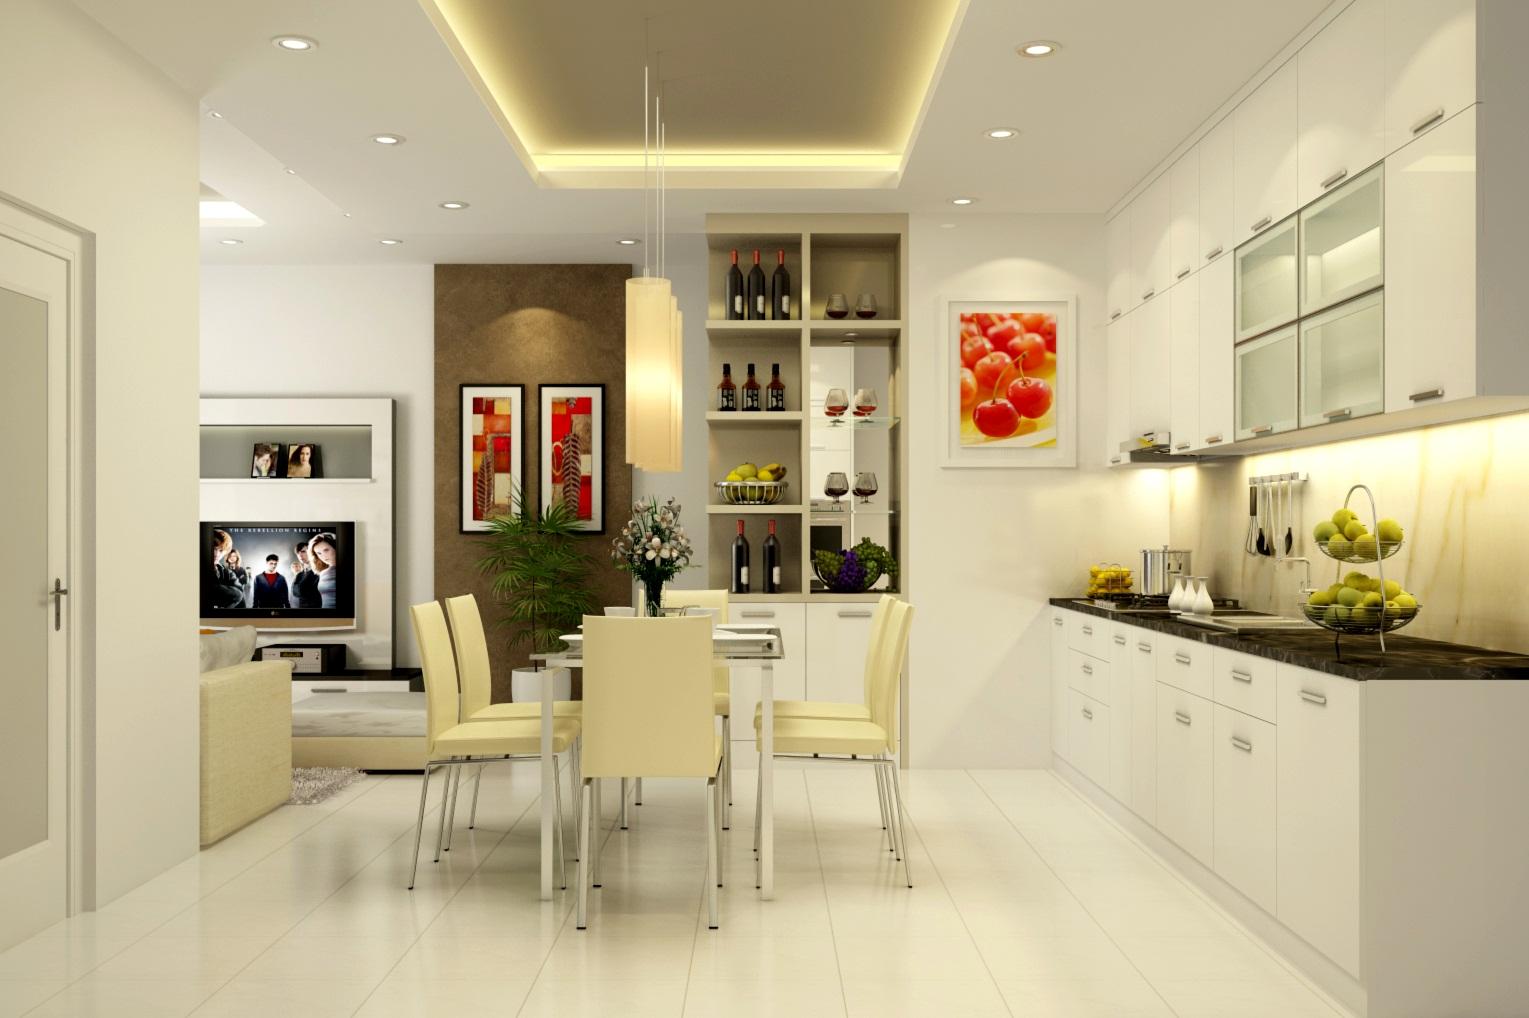 Phòng bếp với tông màu sáng giúp ngôi nhà rộng rãi